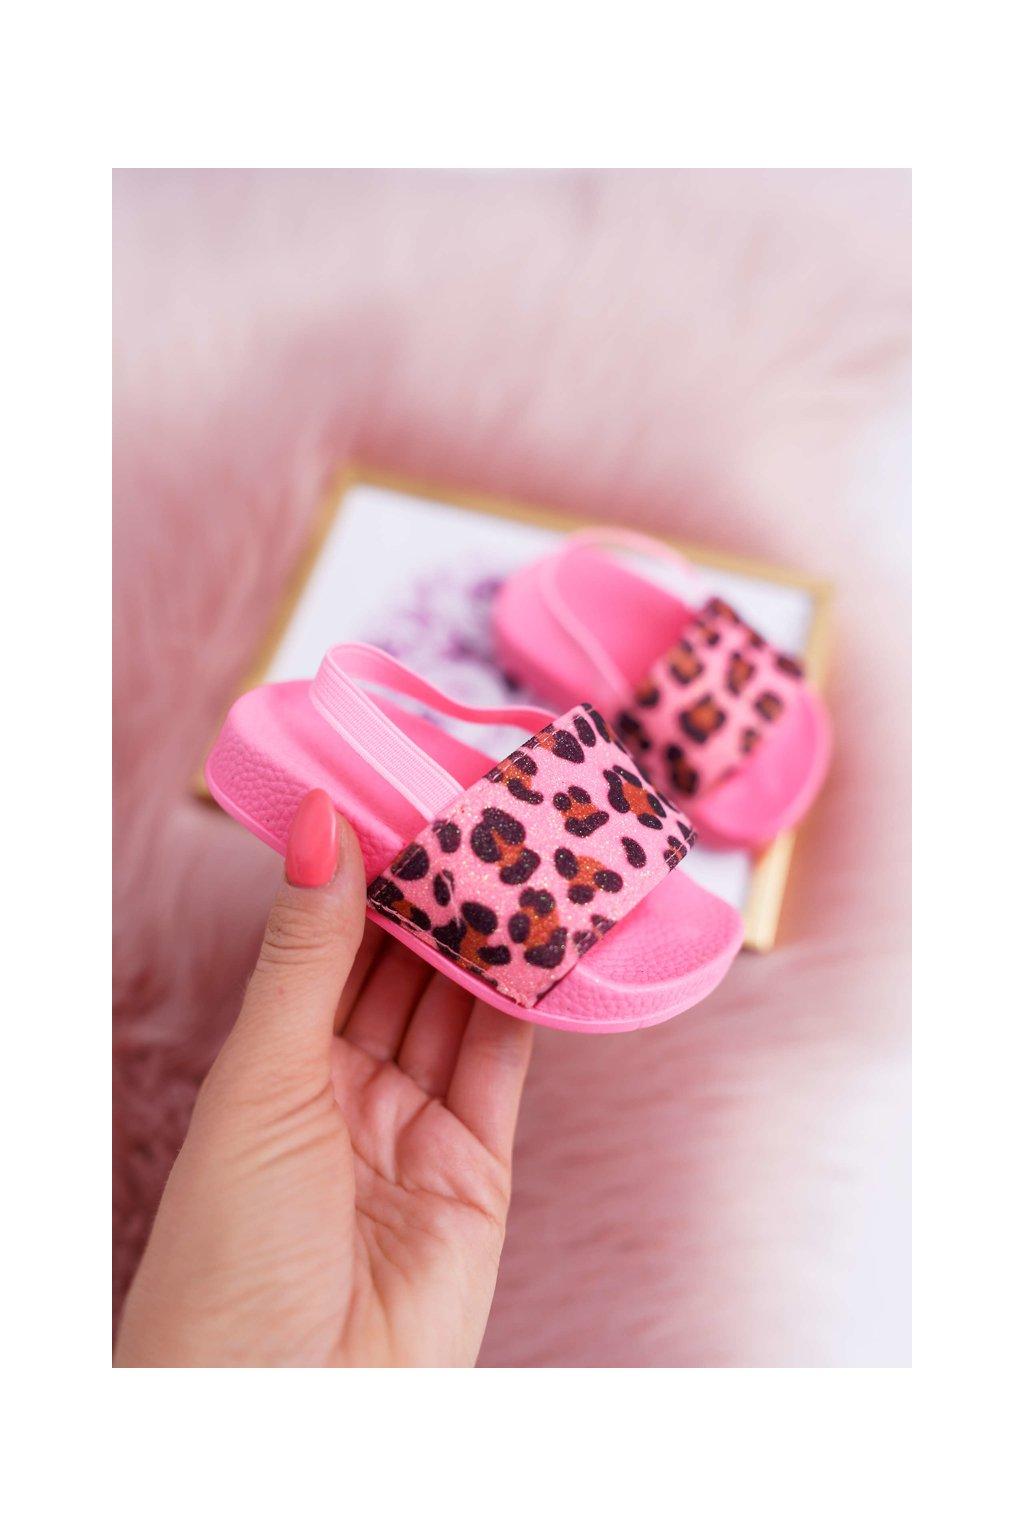 Detské Dievčenské šľapky s brokátom a leopardiem vzorom ružové Rimia